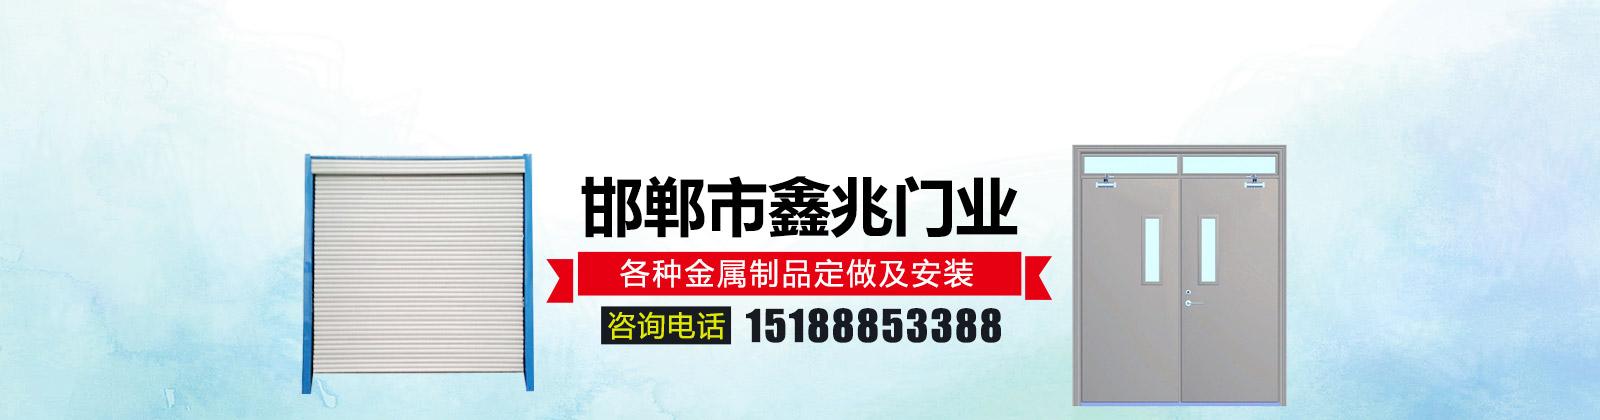 邯郸市鑫兆门业贸易有限公司